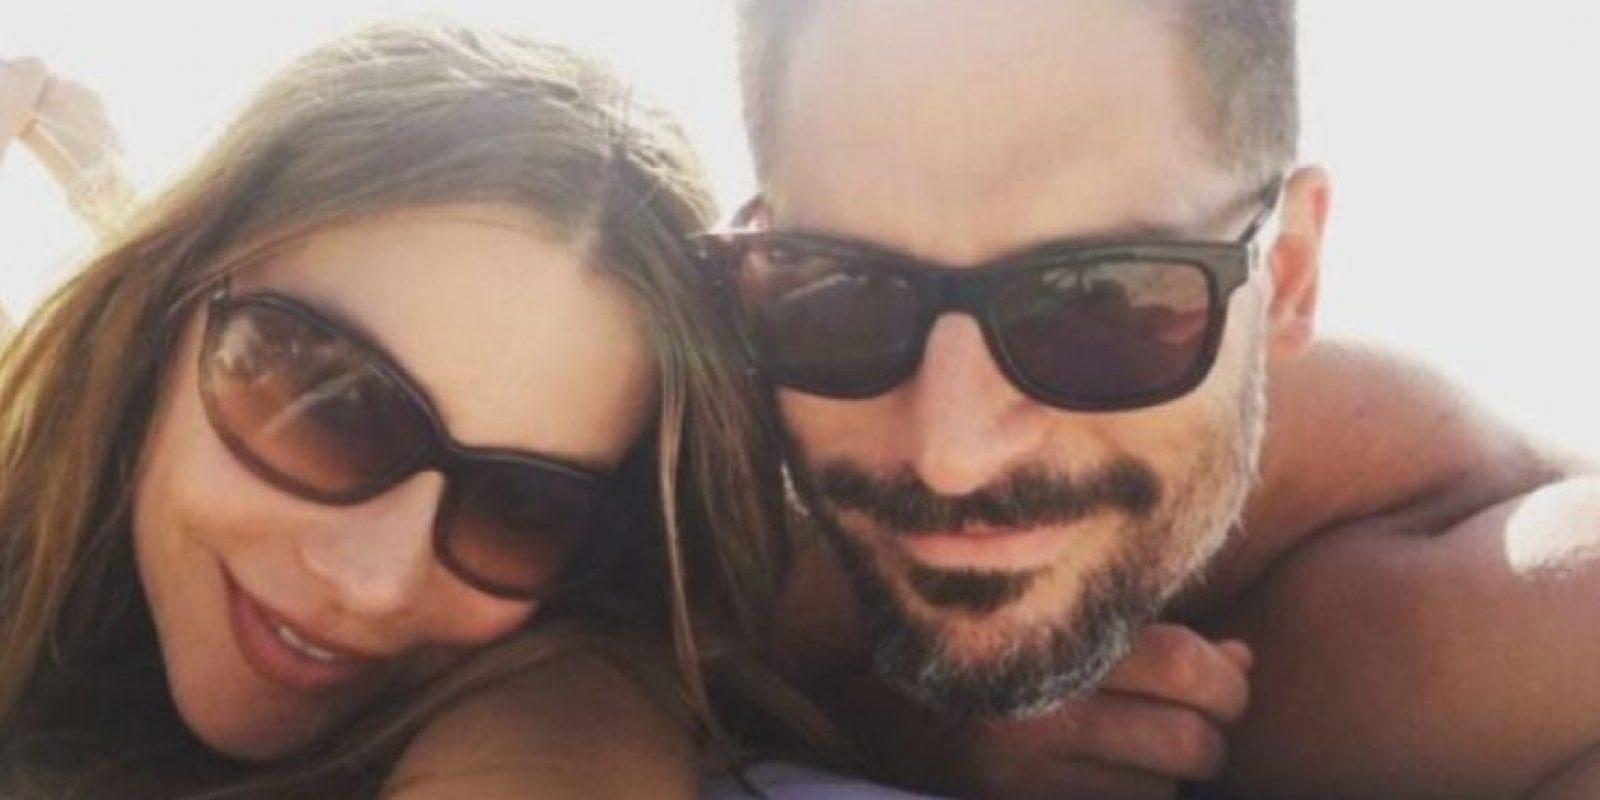 Según lo señaló el portal E! News, la pareja buscaba un lugar privado para celebrar su amor. Foto:Instagram/sofiavergara